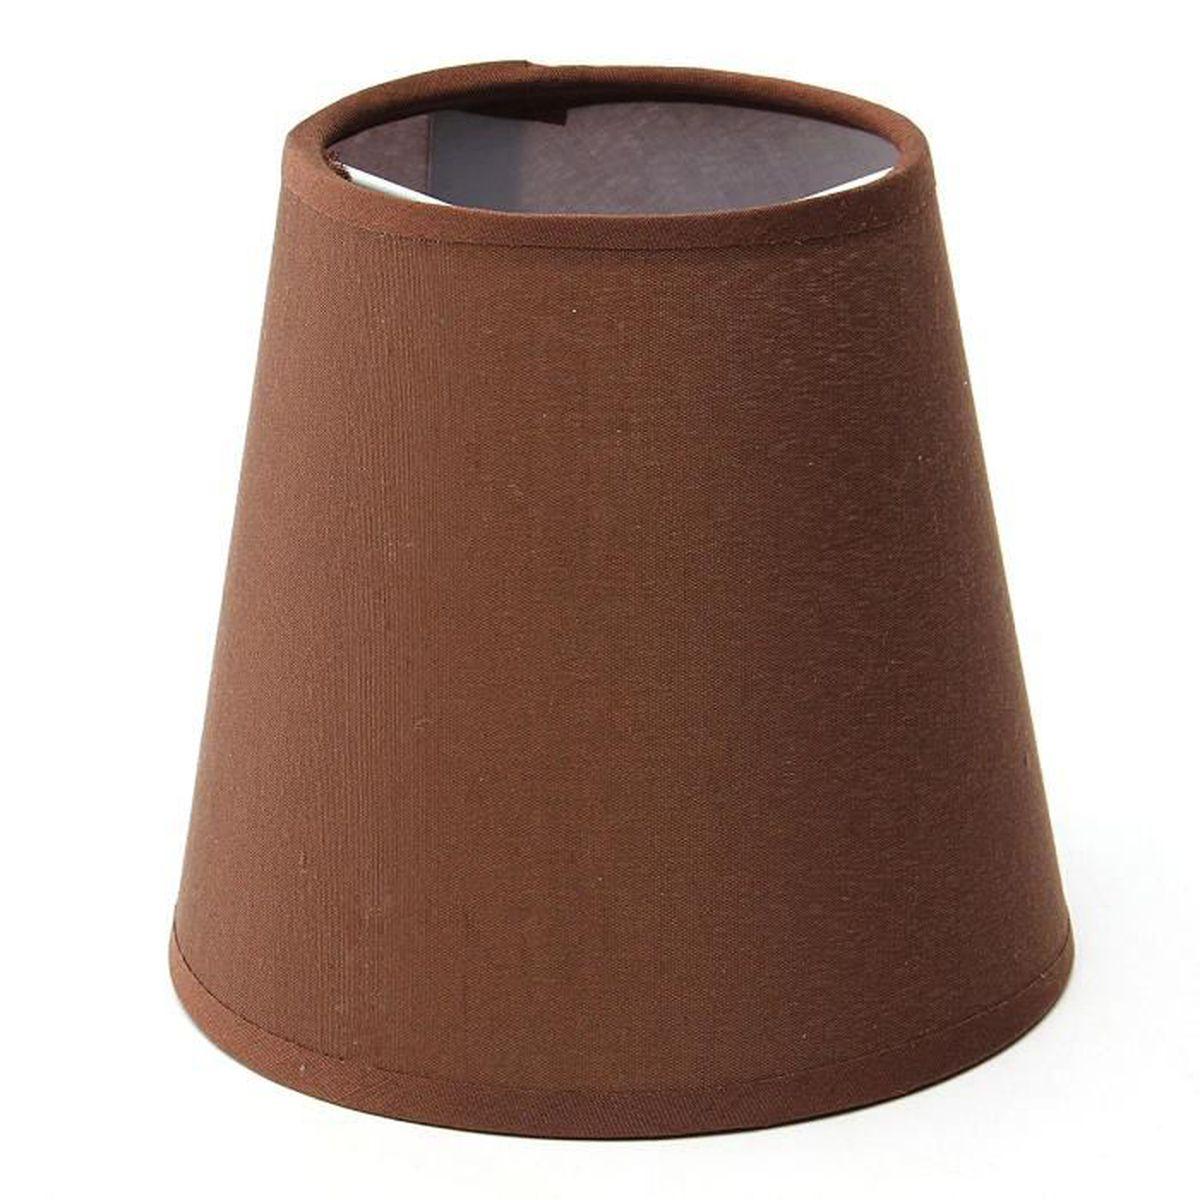 Abat Jour Tulipe Tissu neufu abat-jour linge lampe table mur urbain tissus café